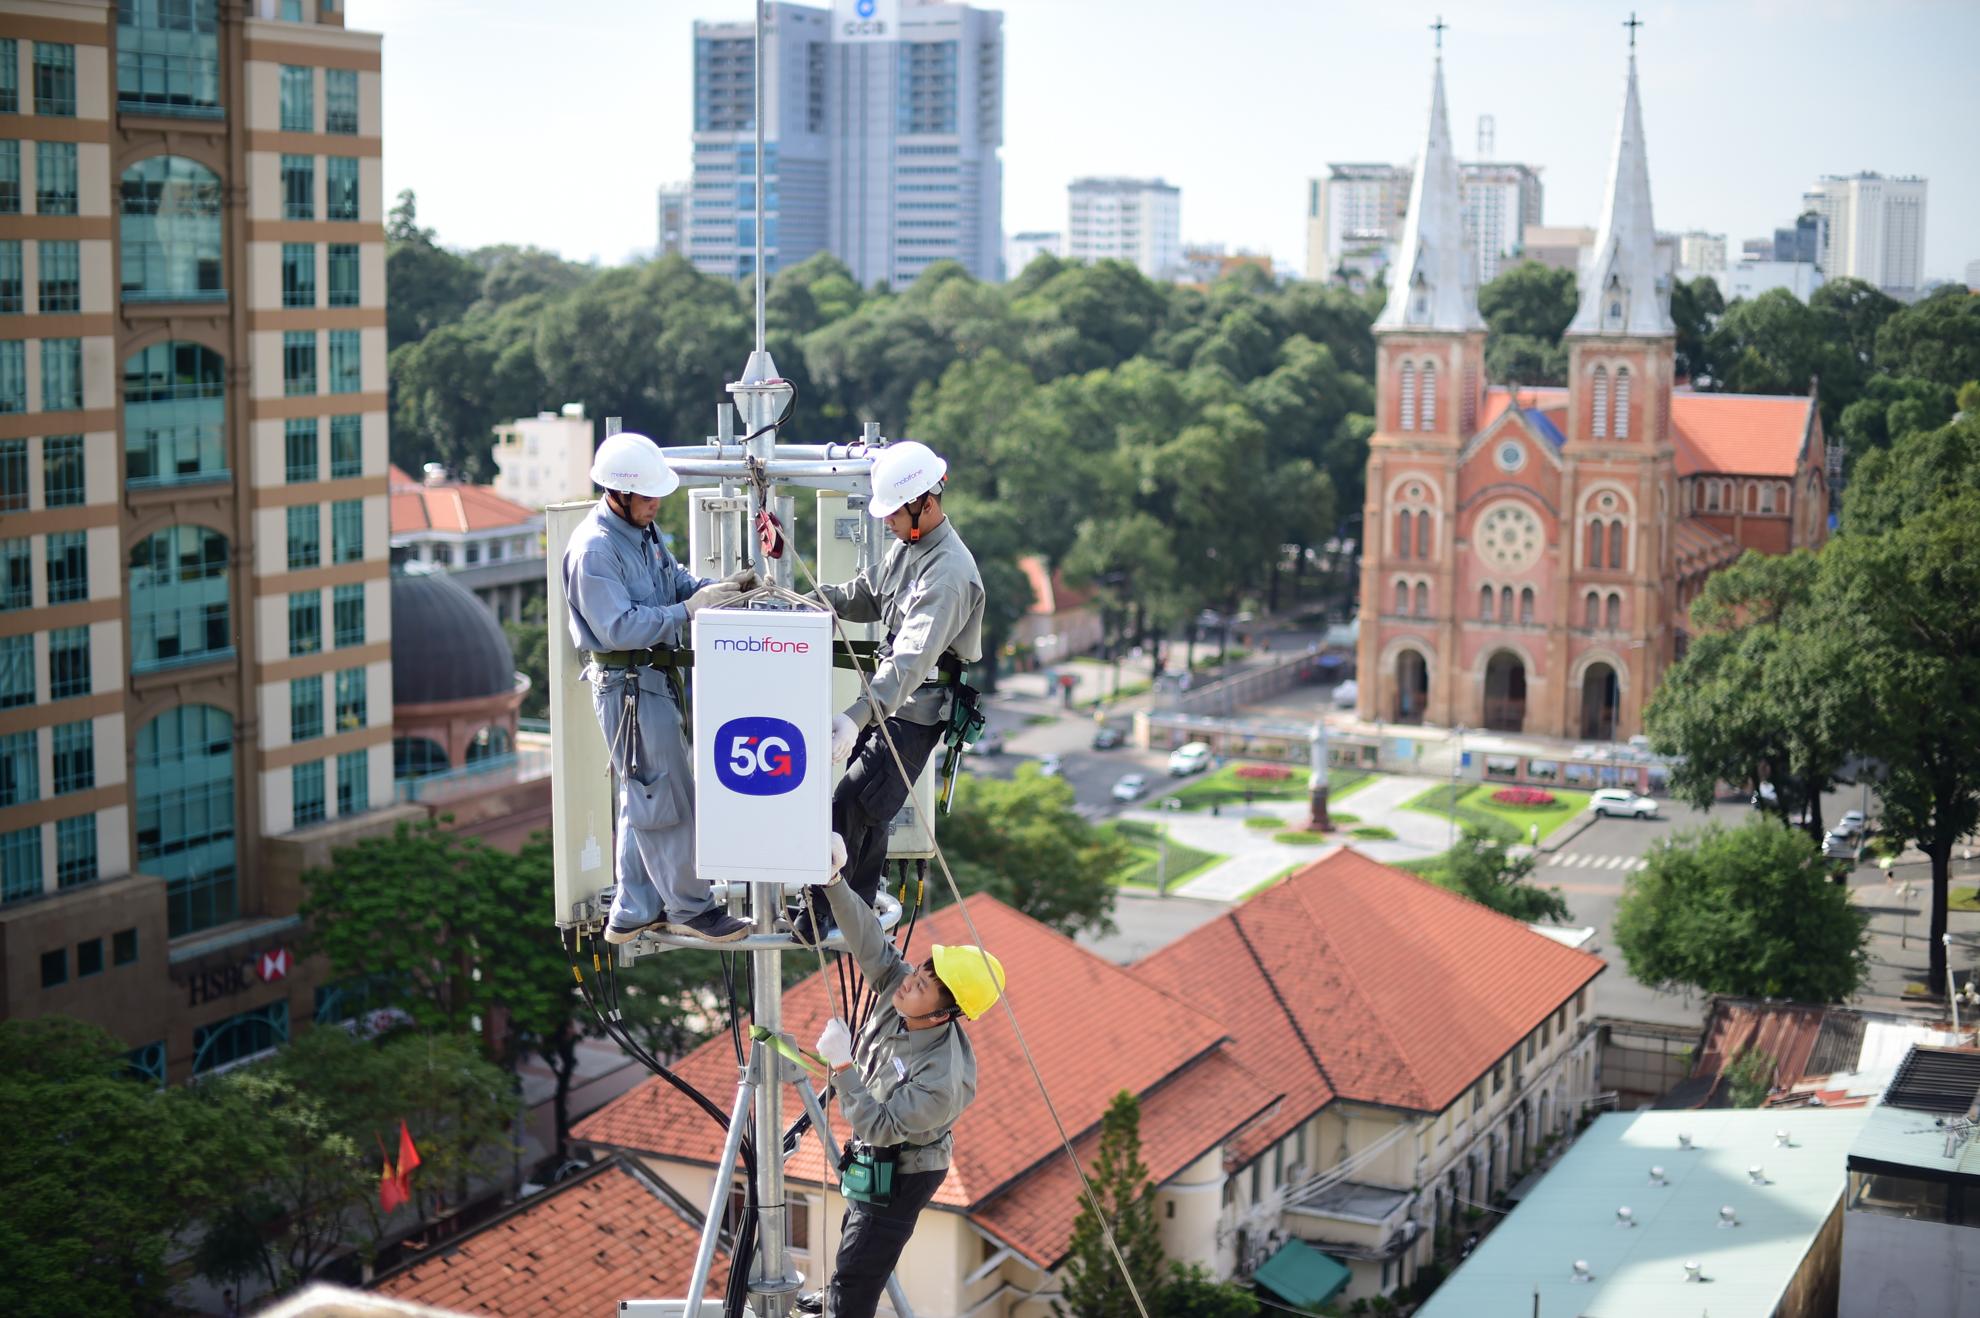 MobiFone thử nghiệm 5G đạt tốc độ 1,5Gbp tại thành phố Hồ Chí Minh